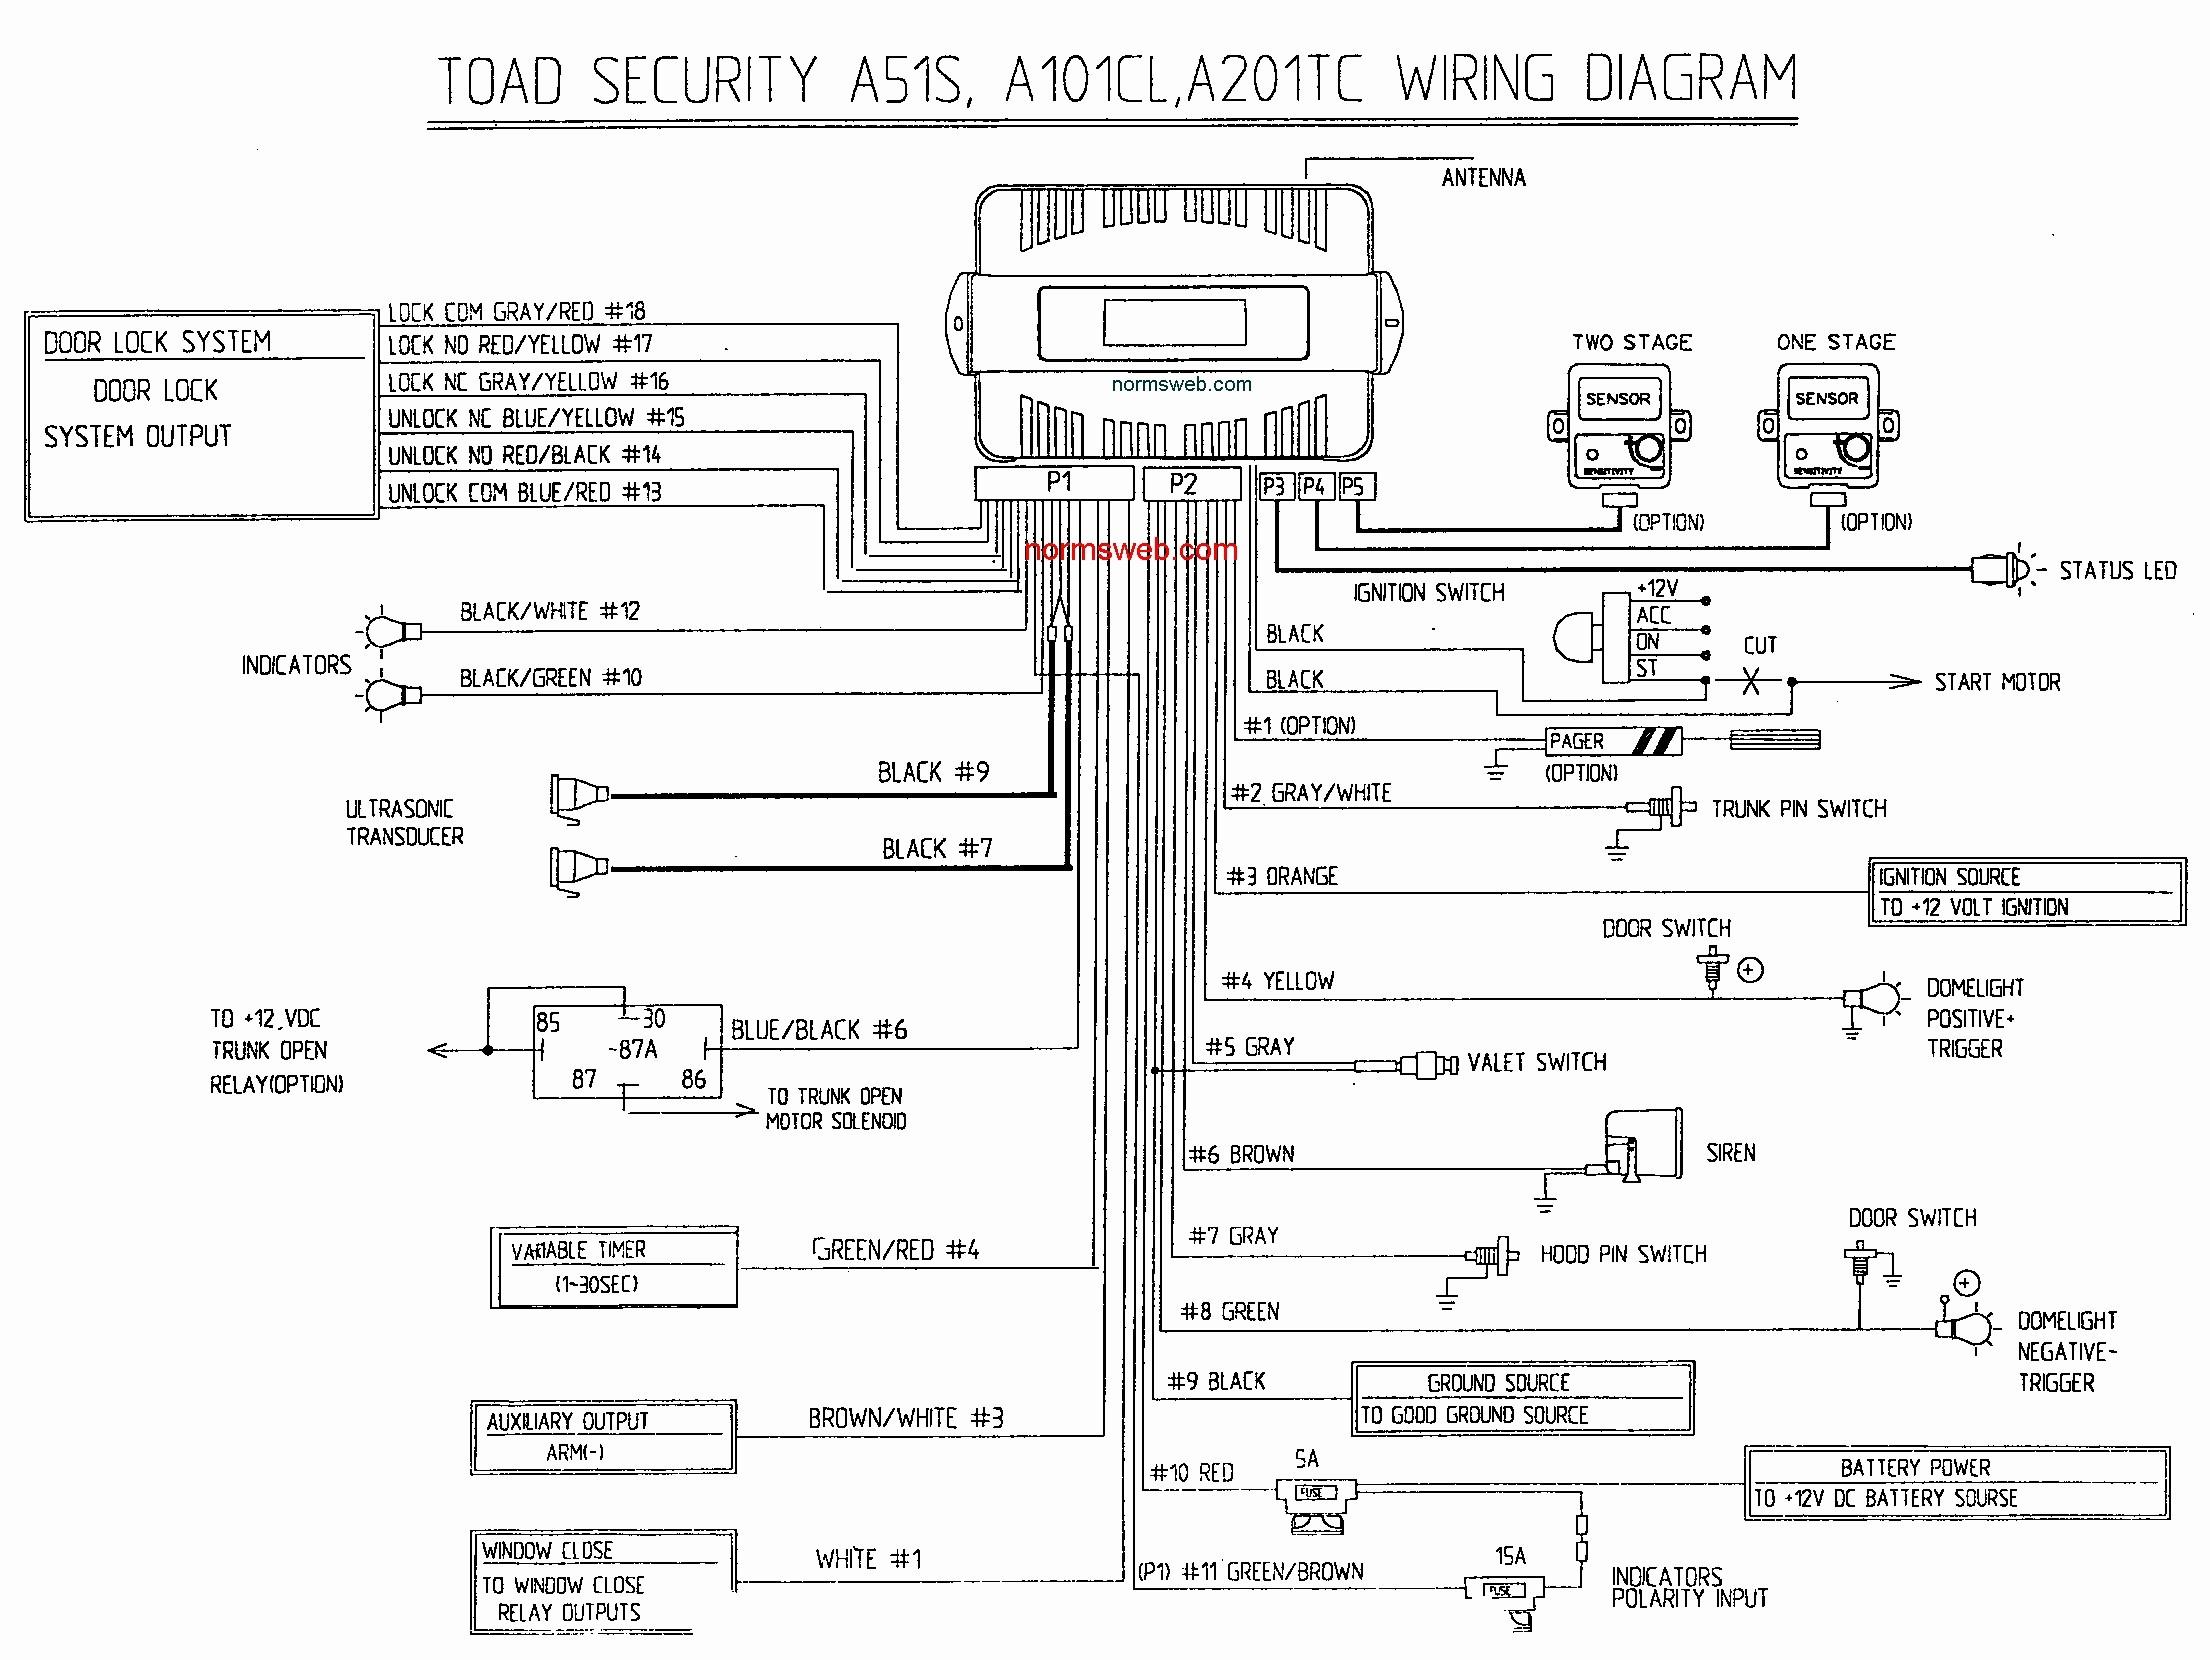 bulldog alarms wiring diagrams online wiring diagrambulldog security wiring diagrams 2001 impala schematic diagrambulldog security rs83b remote start wiring diagram wiring 2005